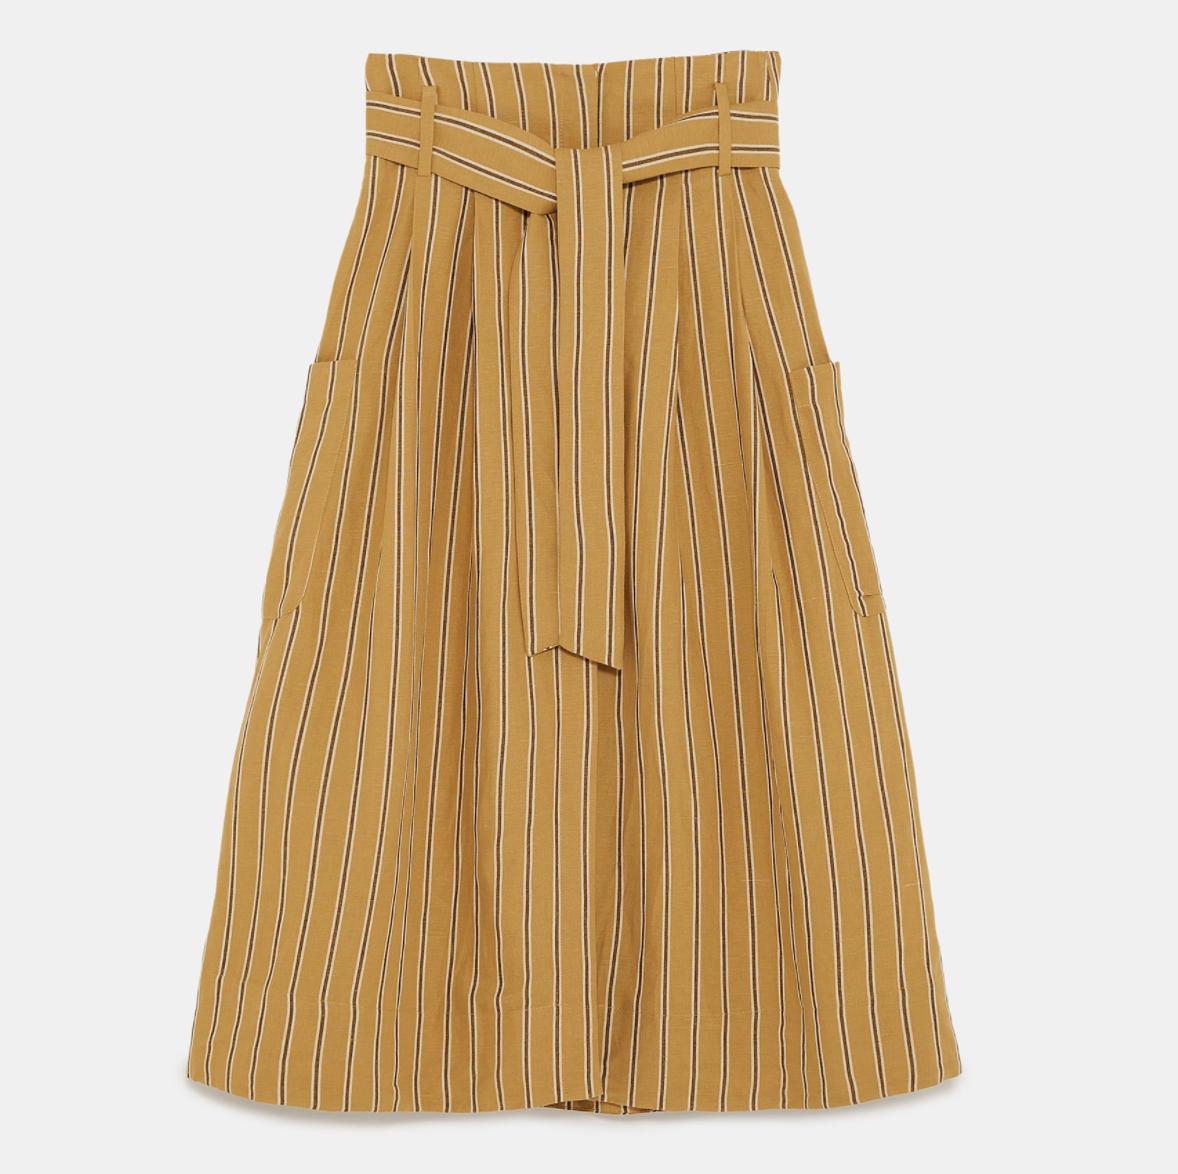 Zara Skirt, $70